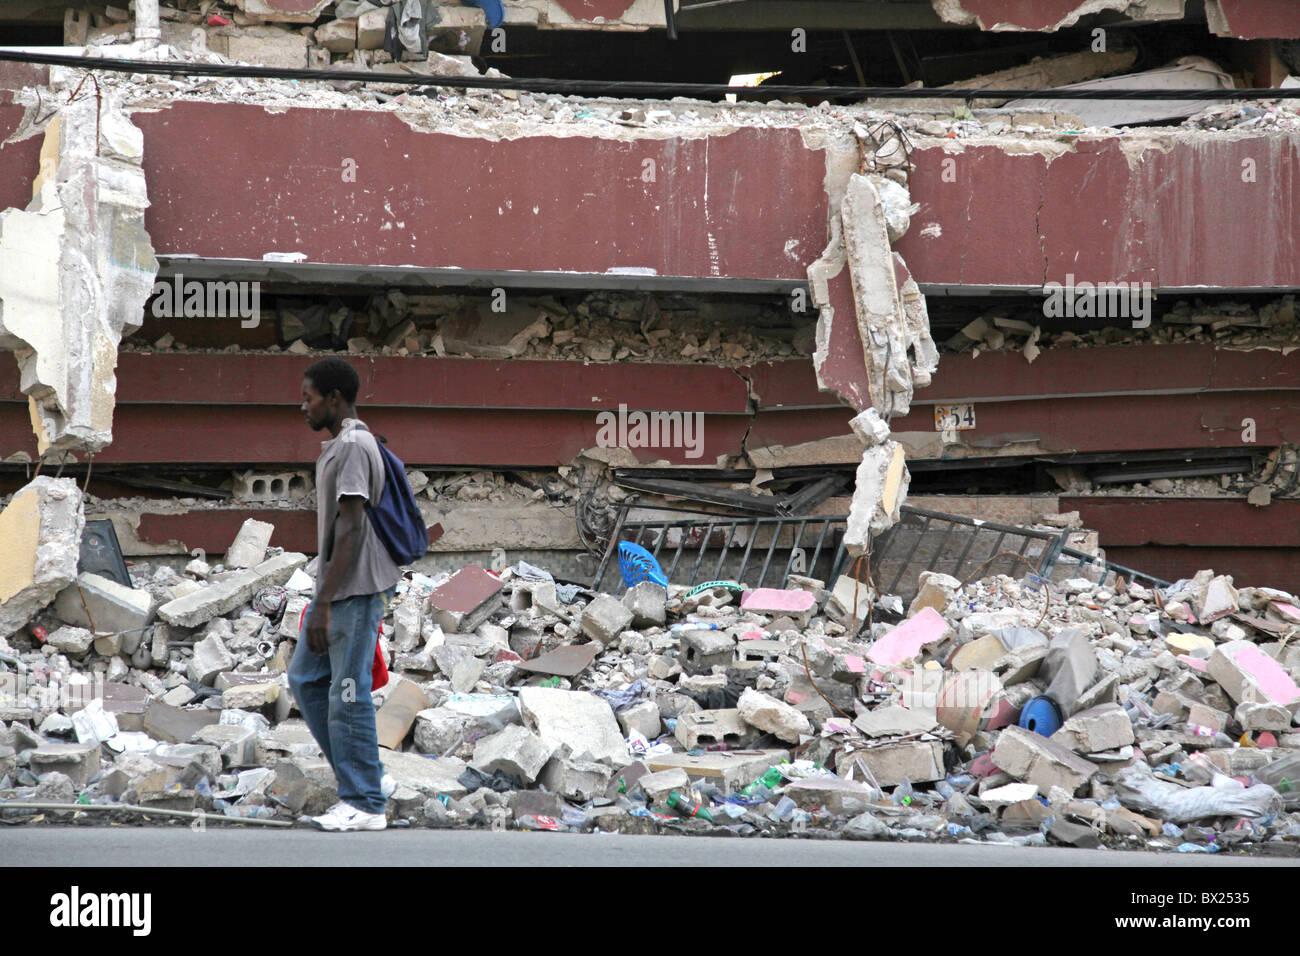 Earthquake damage, Port au Prince, Haiti - Stock Image